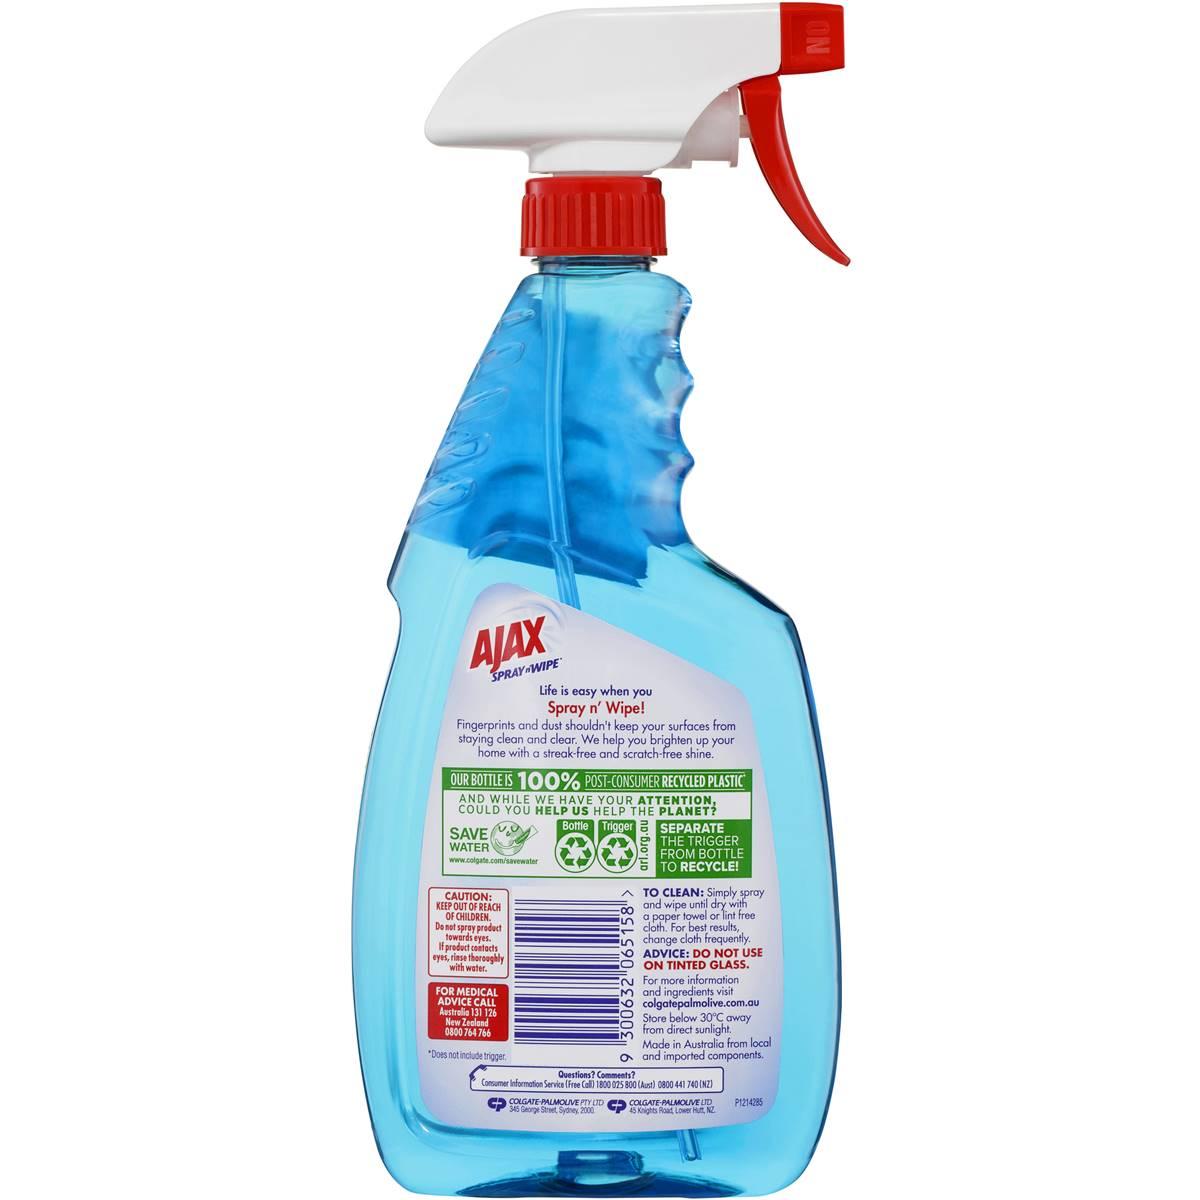 Ajax Spray N Wipe Glass Cleaner Trigger   Woolworths